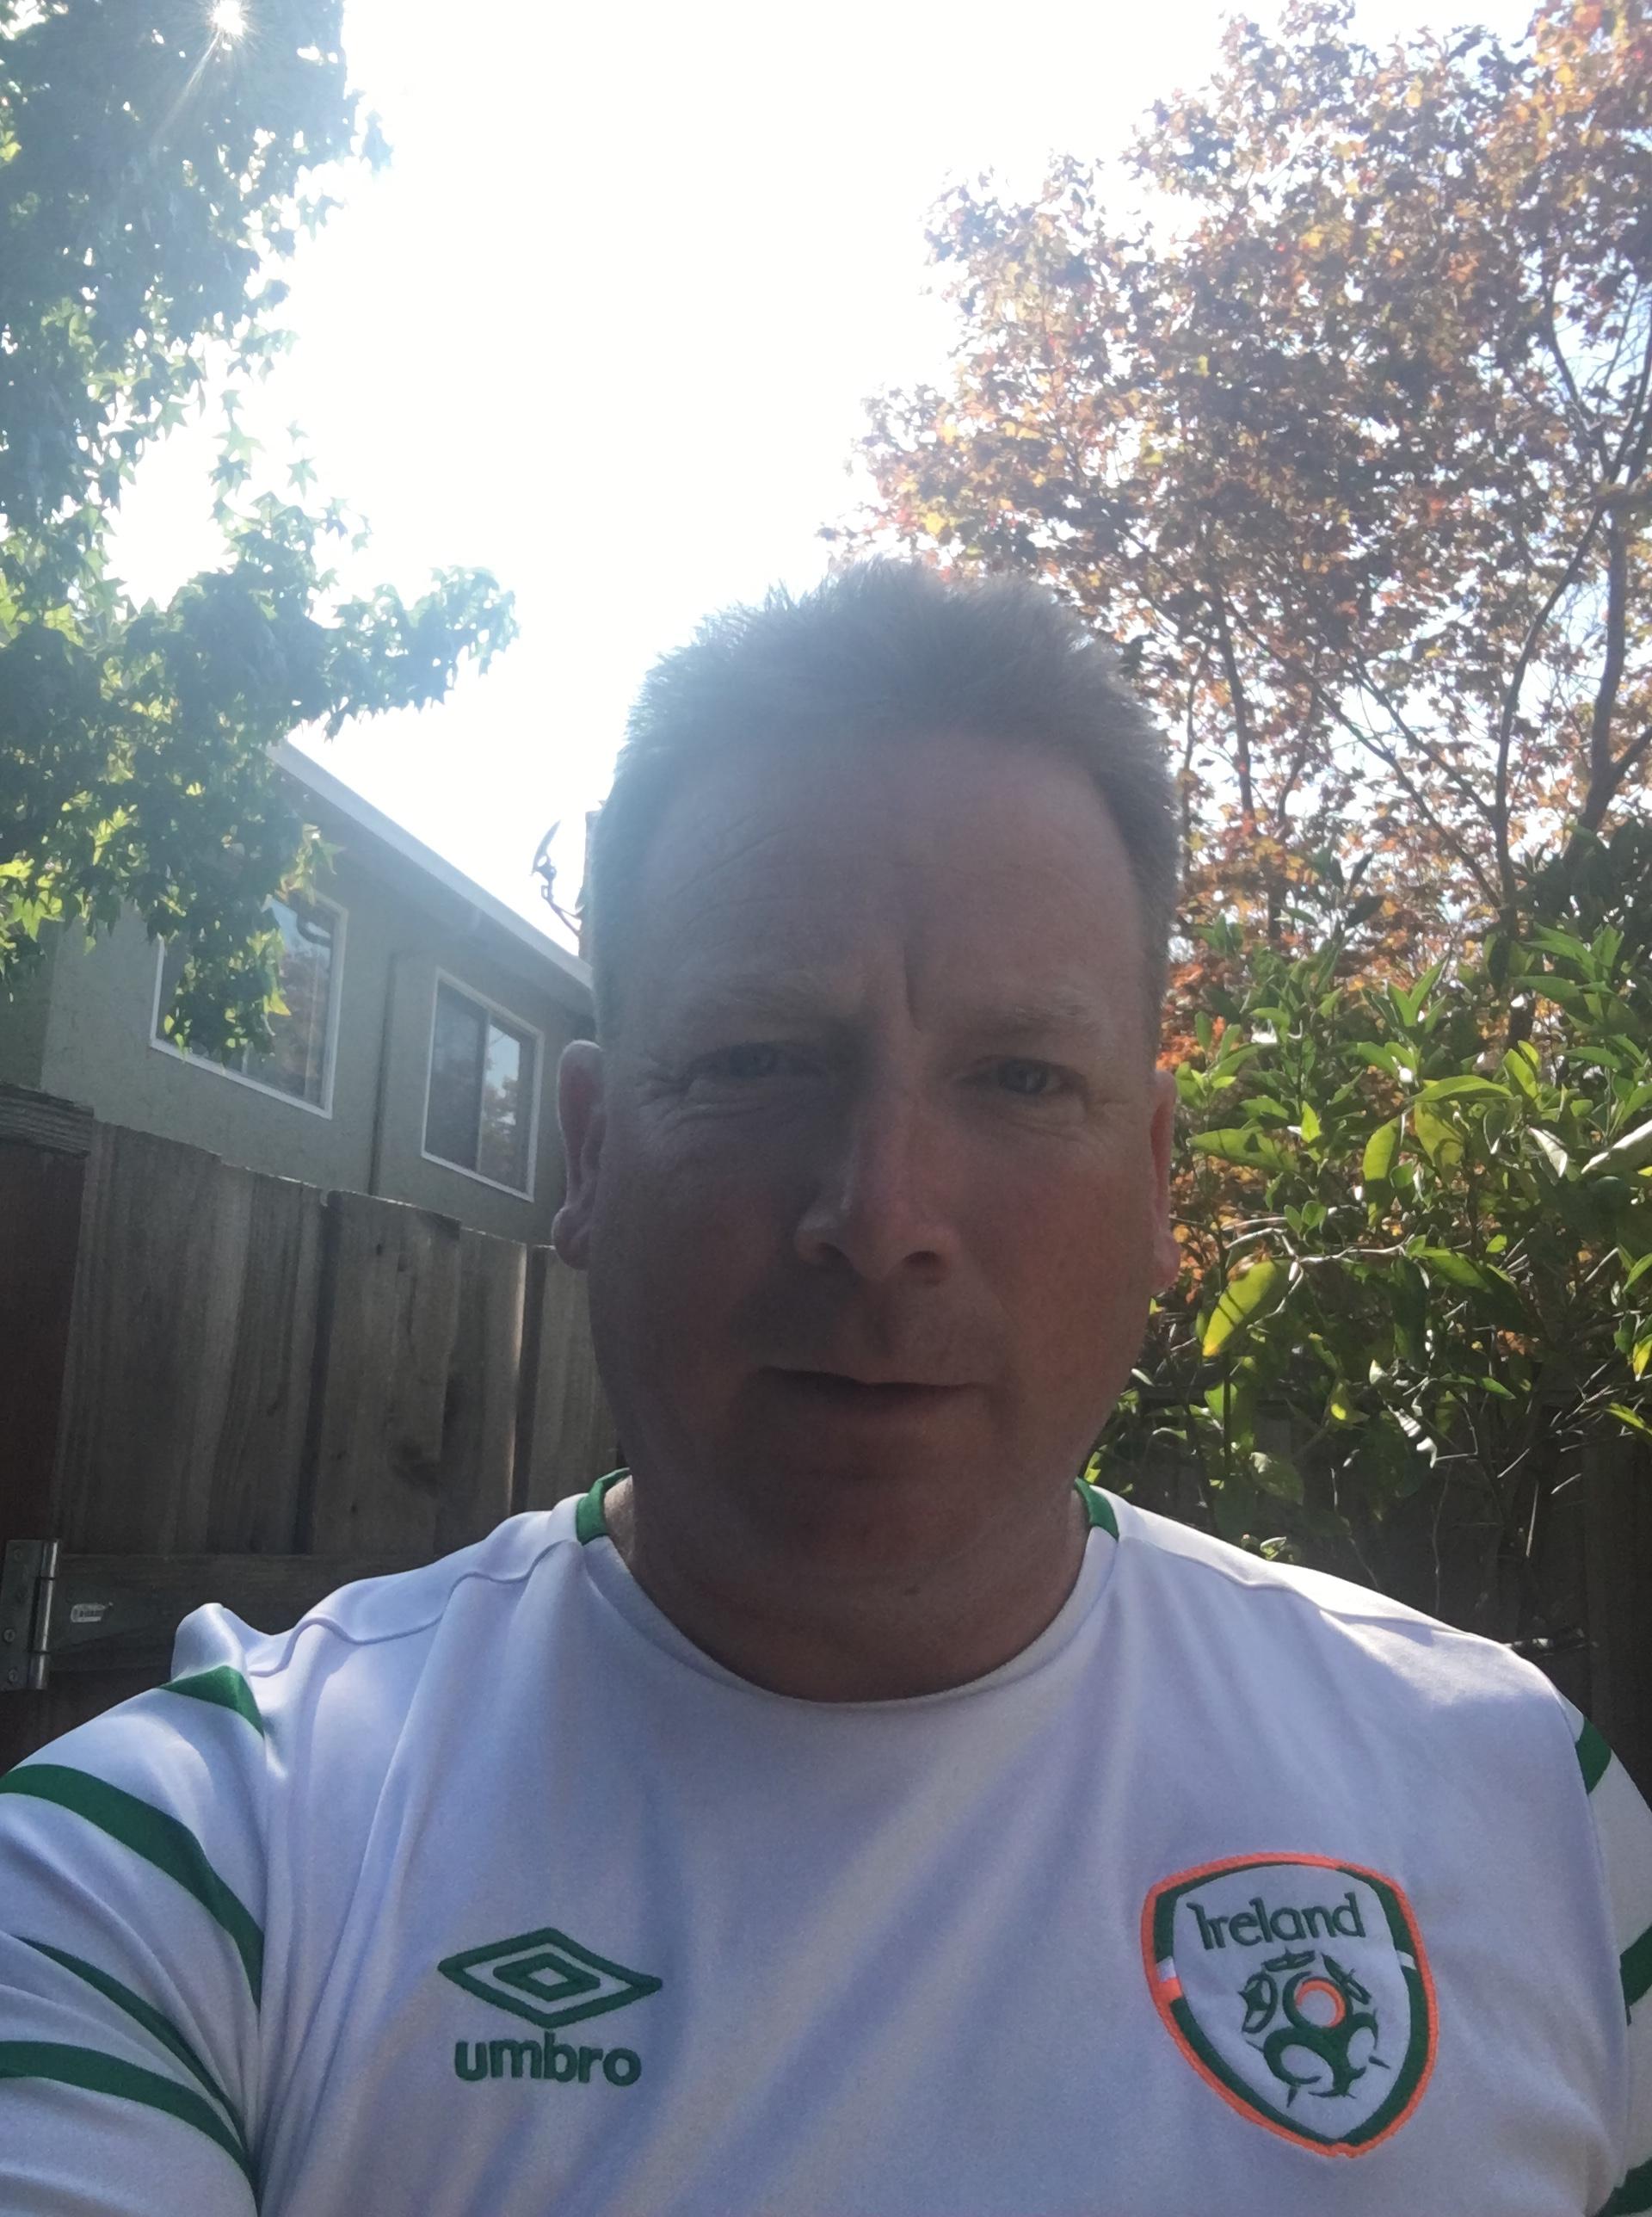 The Irish Guy